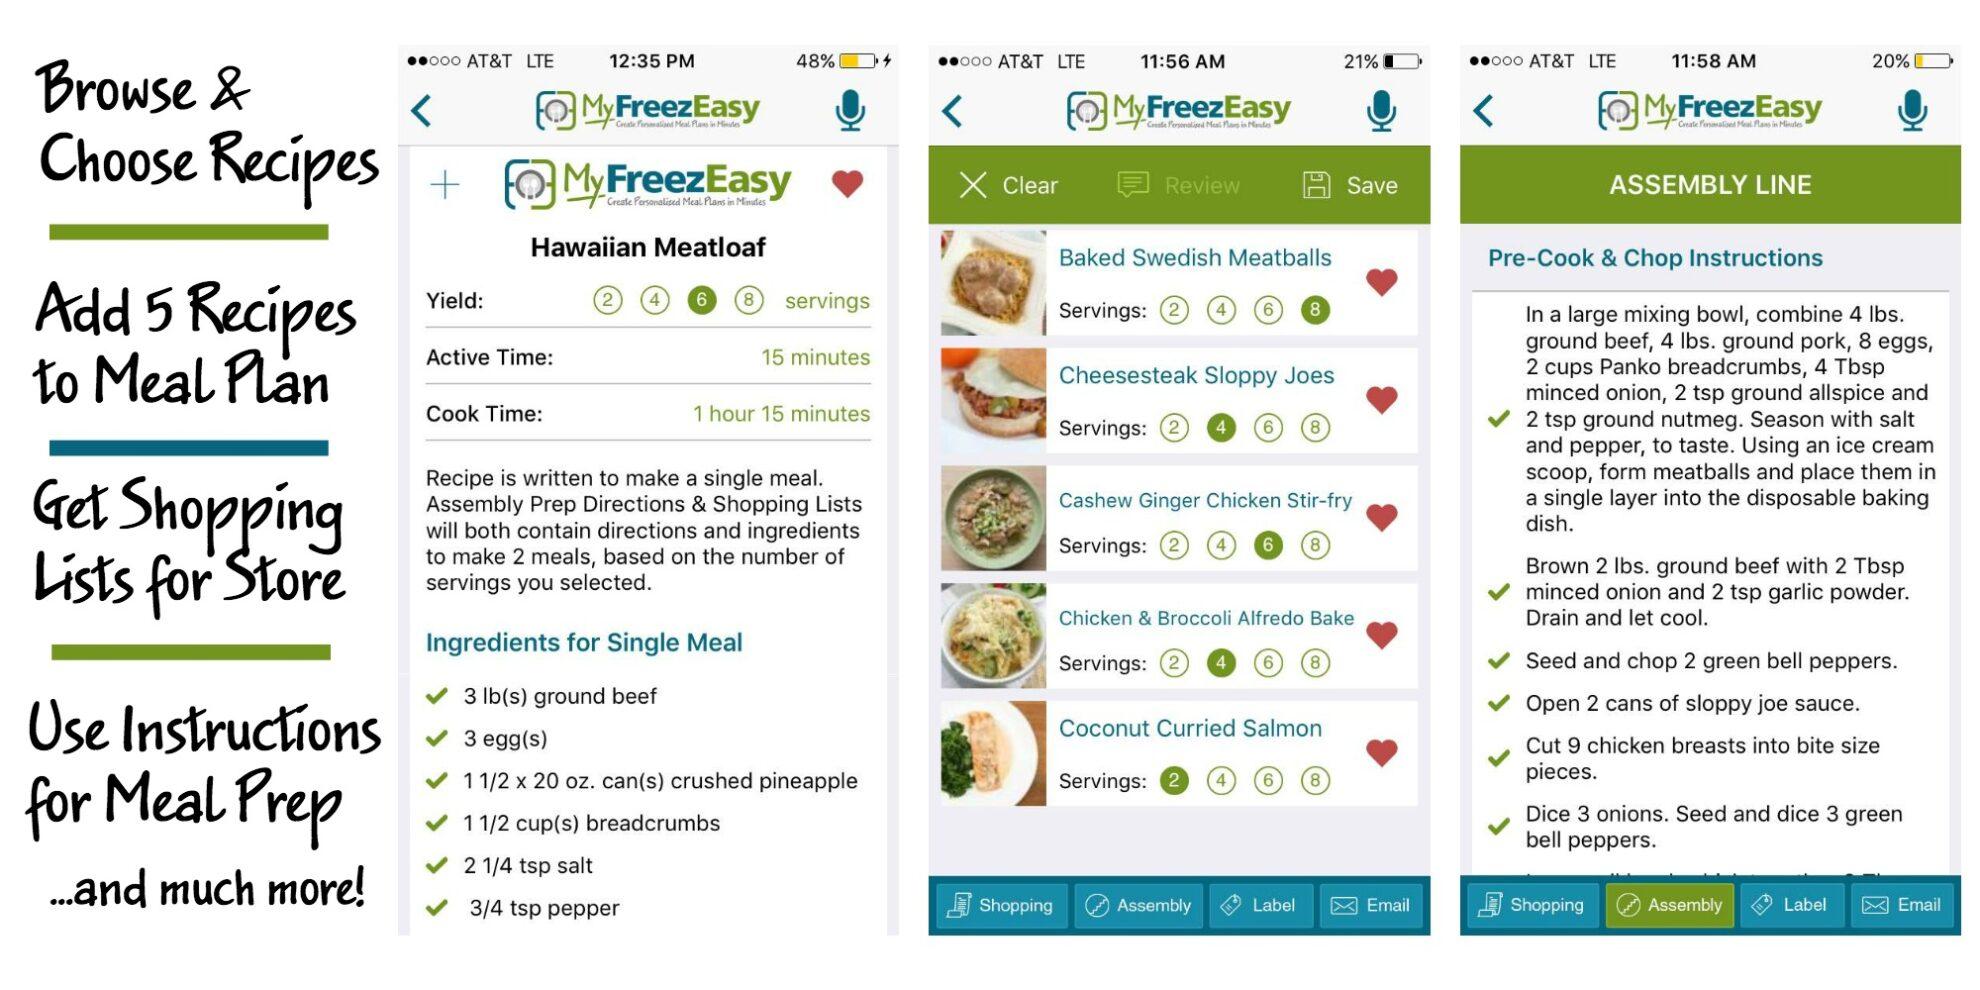 myfreezeasy-mobile-app